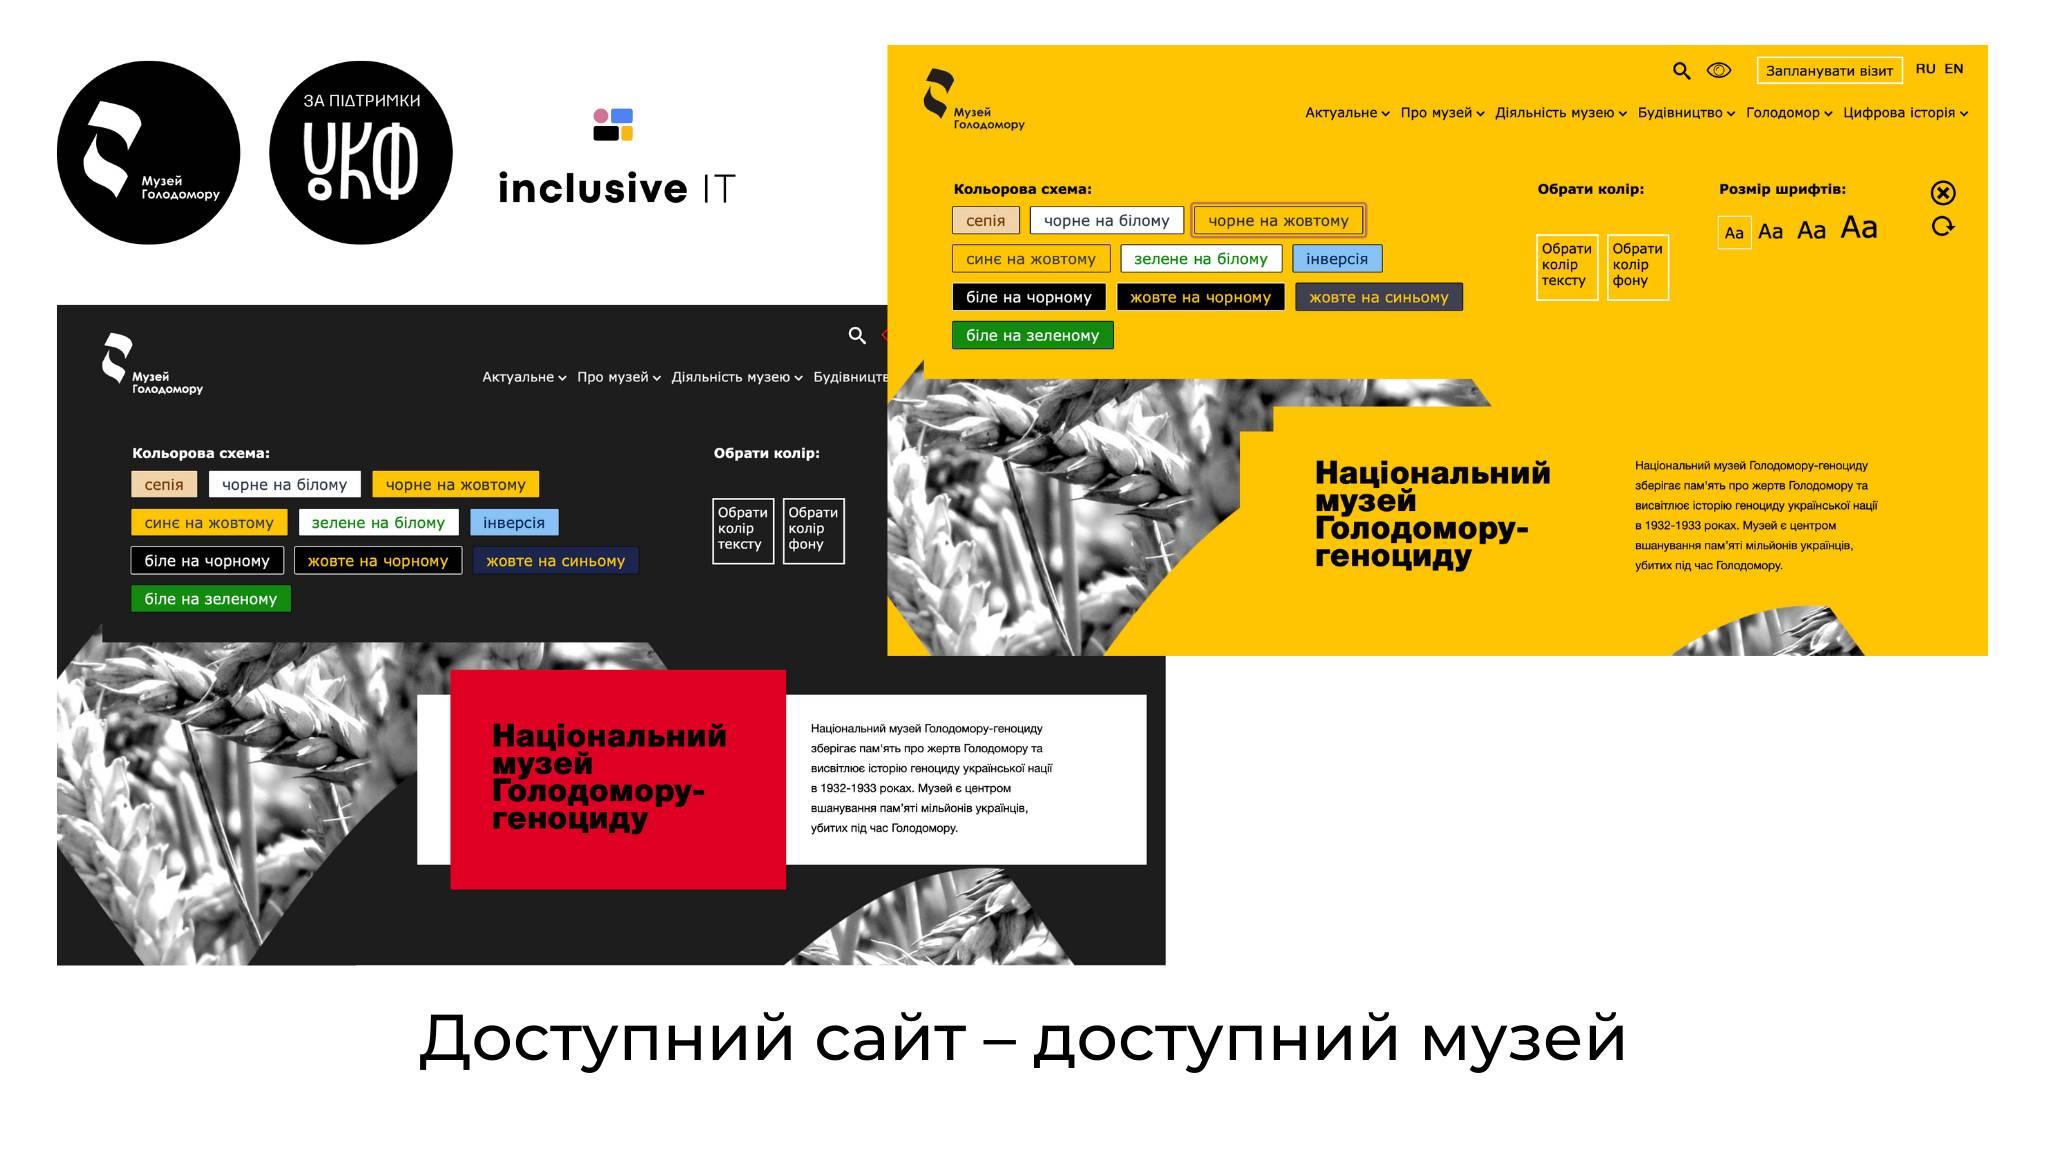 Прінтскрін адаптованого сайту